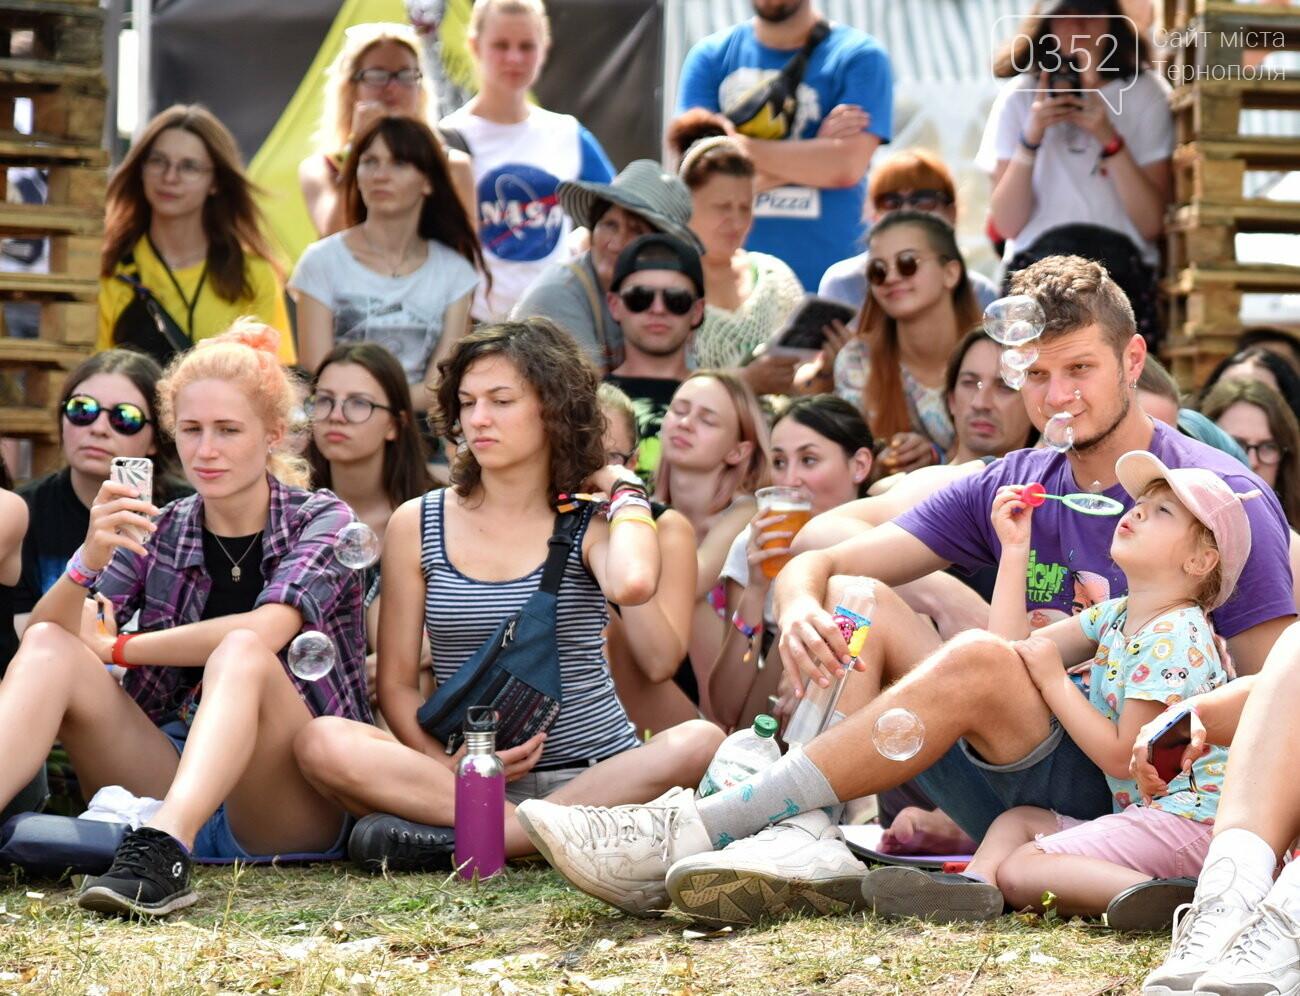 """Драйв і безтурботність: що робиться на фестивалі """"Файне місто"""" (масштабний фоторепортаж), фото-4"""